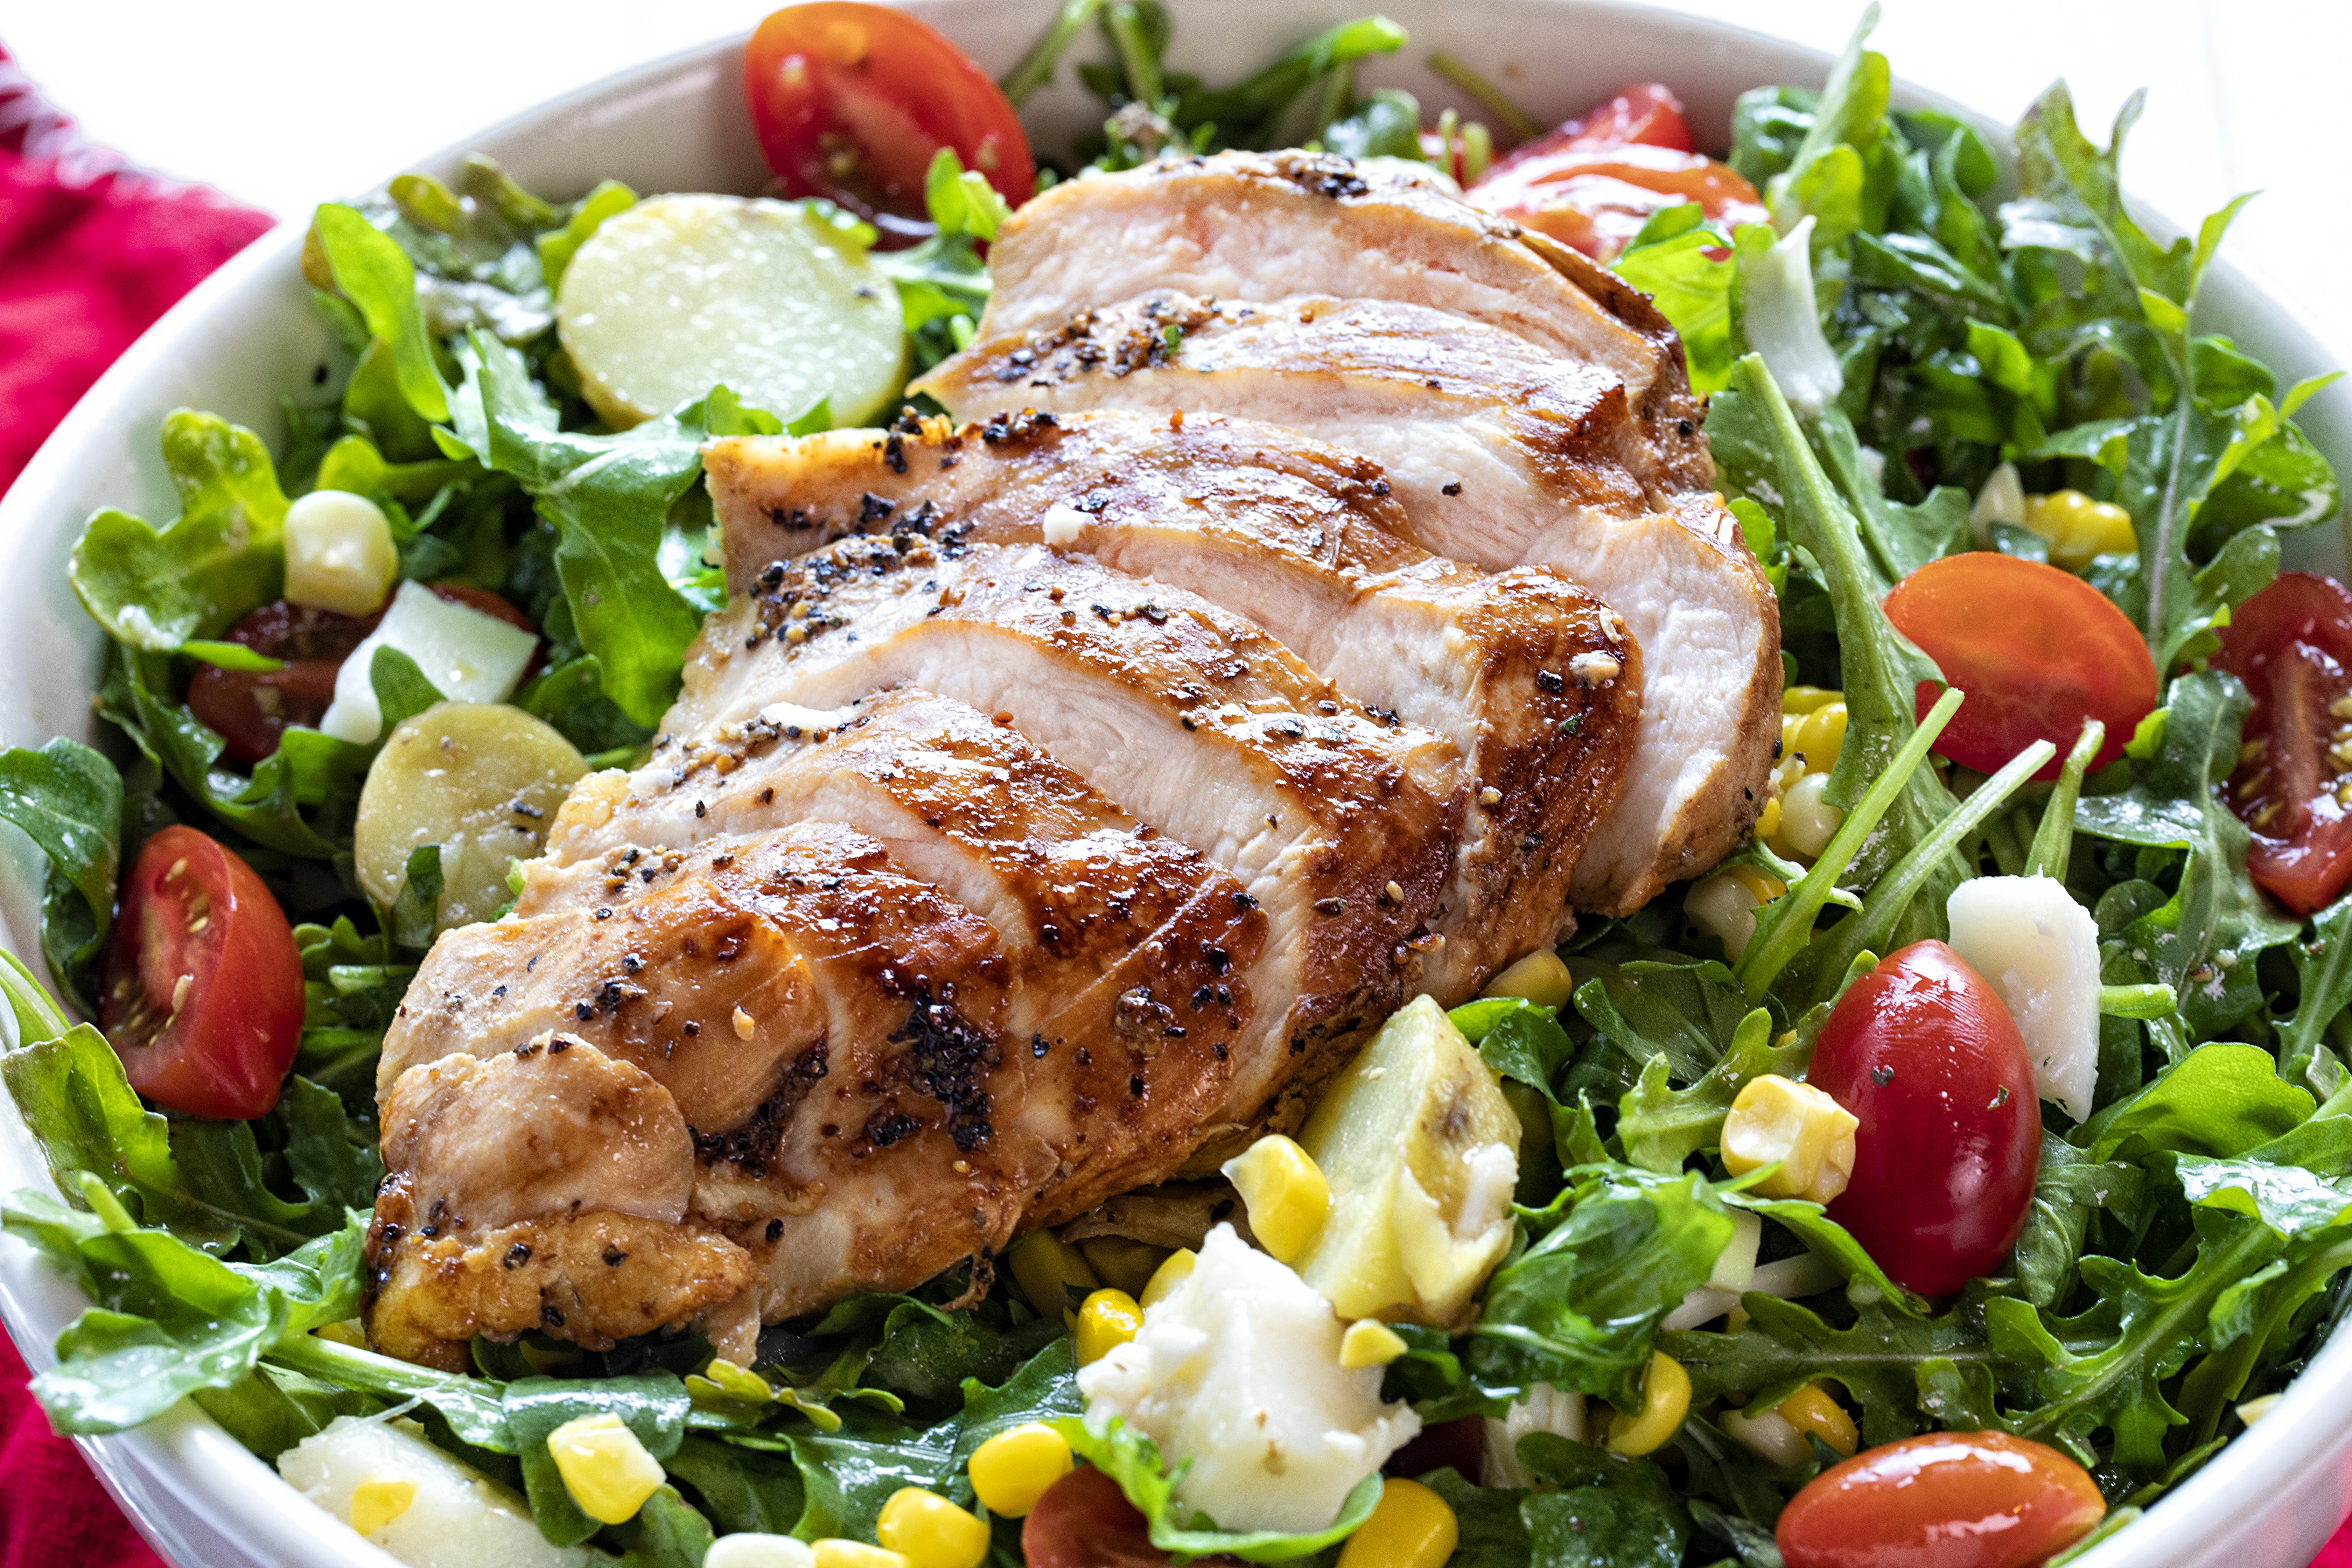 Summer Chicken Salad in a White Bowl